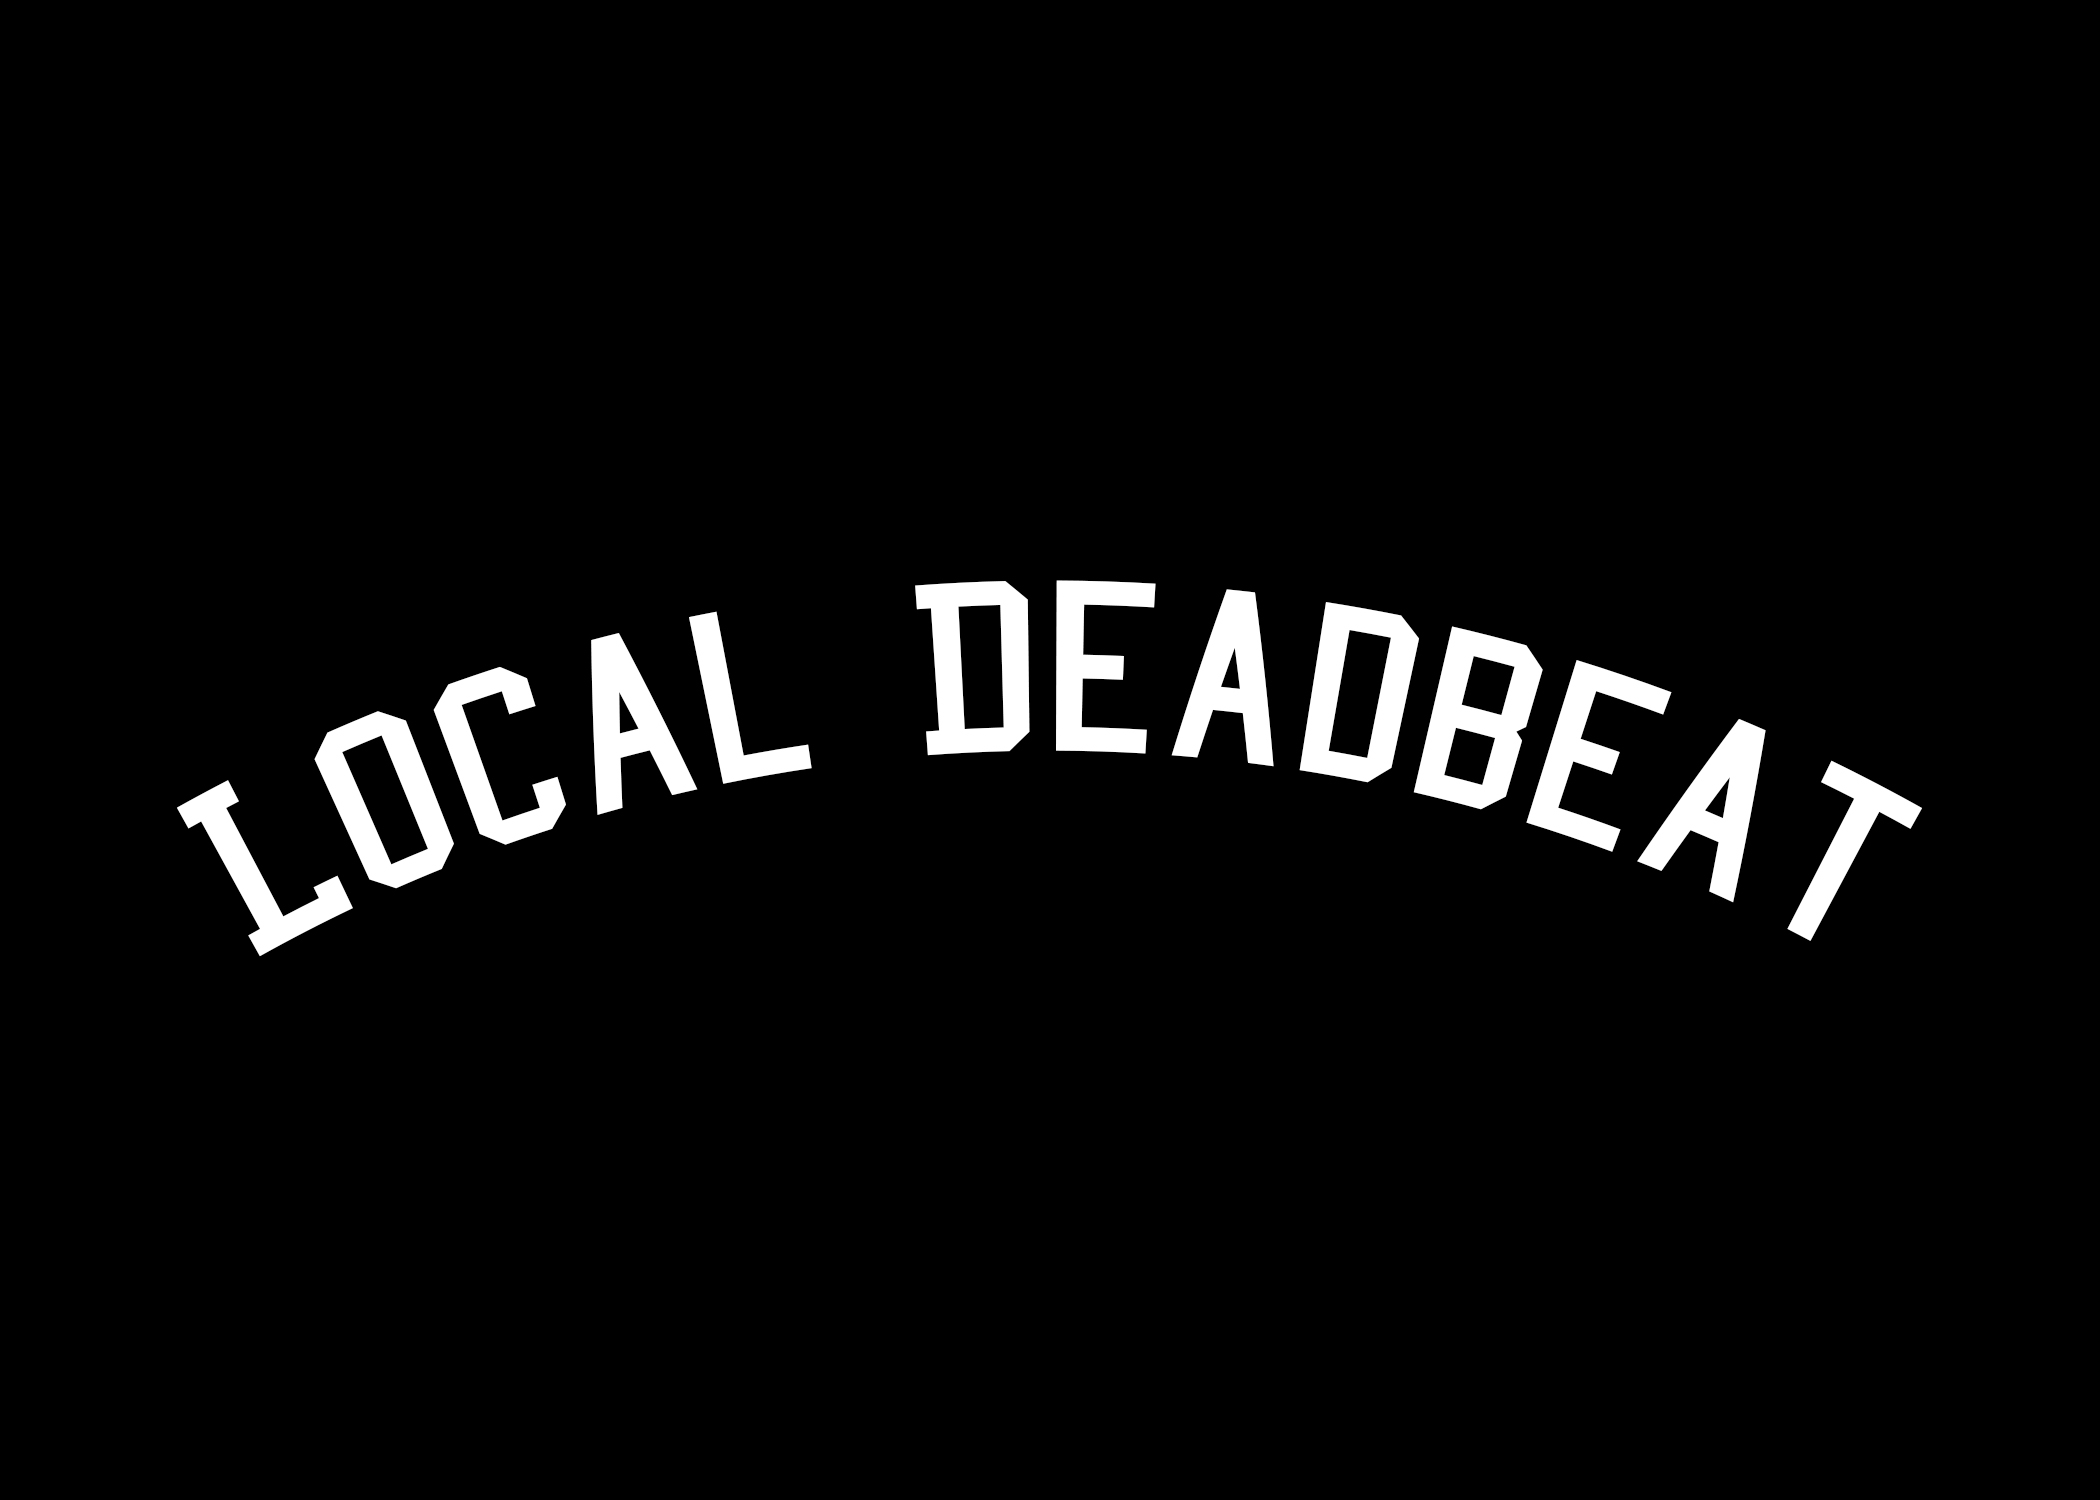 Local Deadbeat Agency